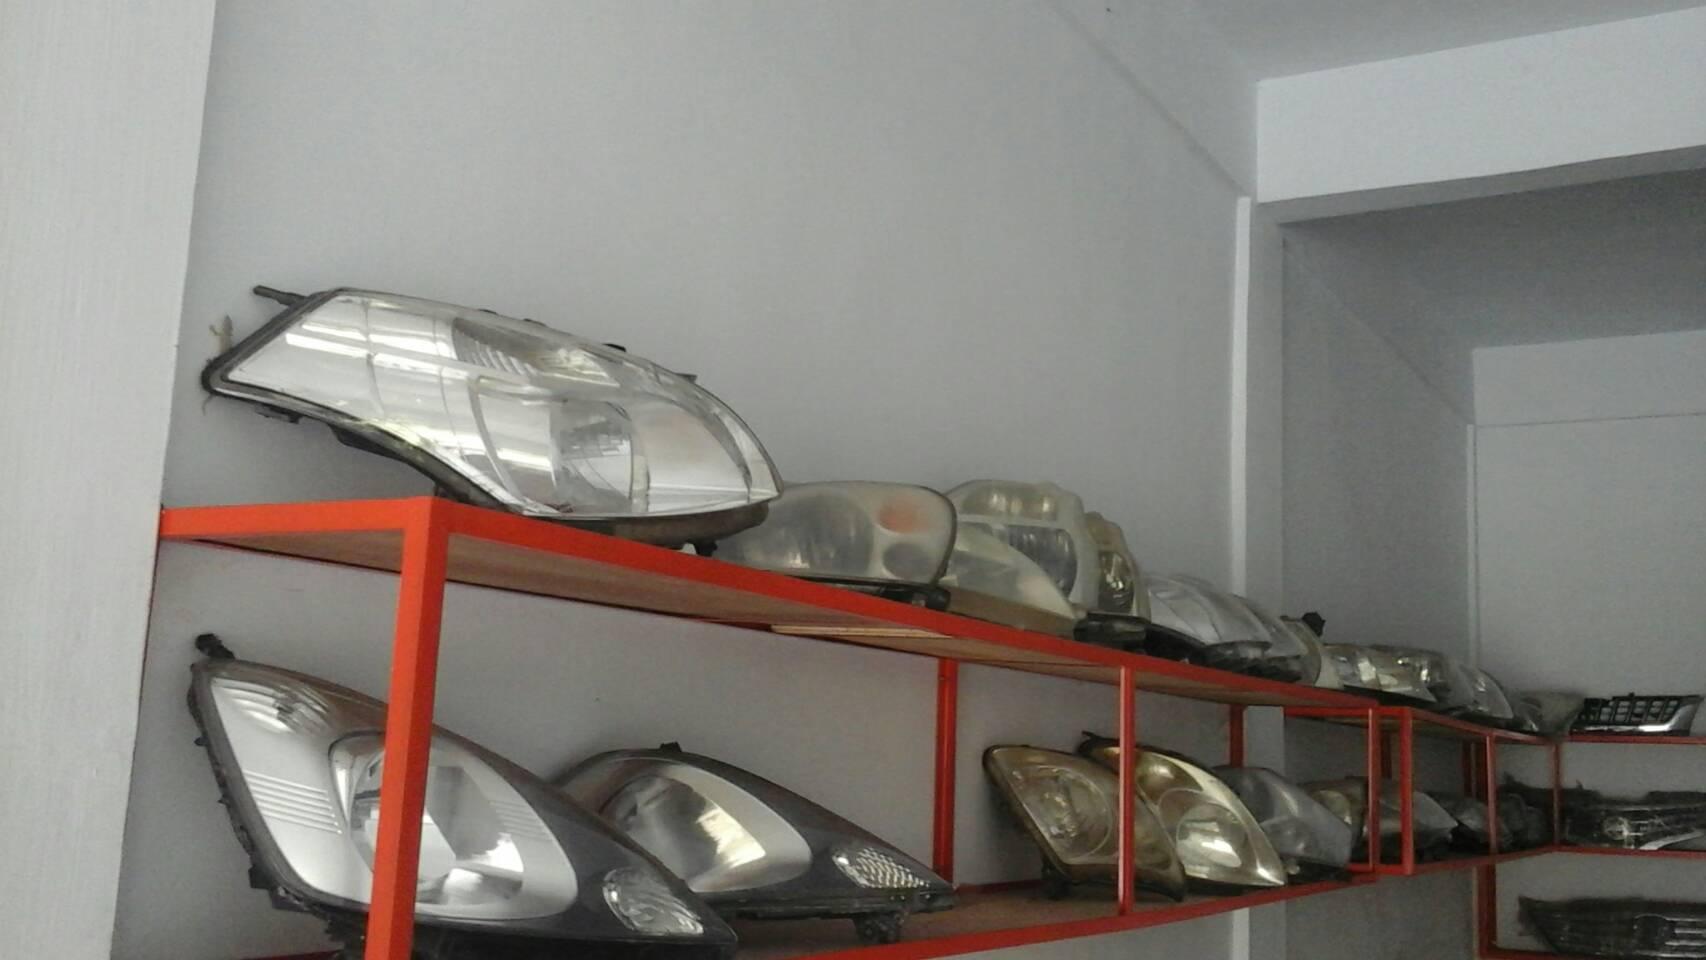 4751 - Padang motor - Salon Lampu Padang Motor